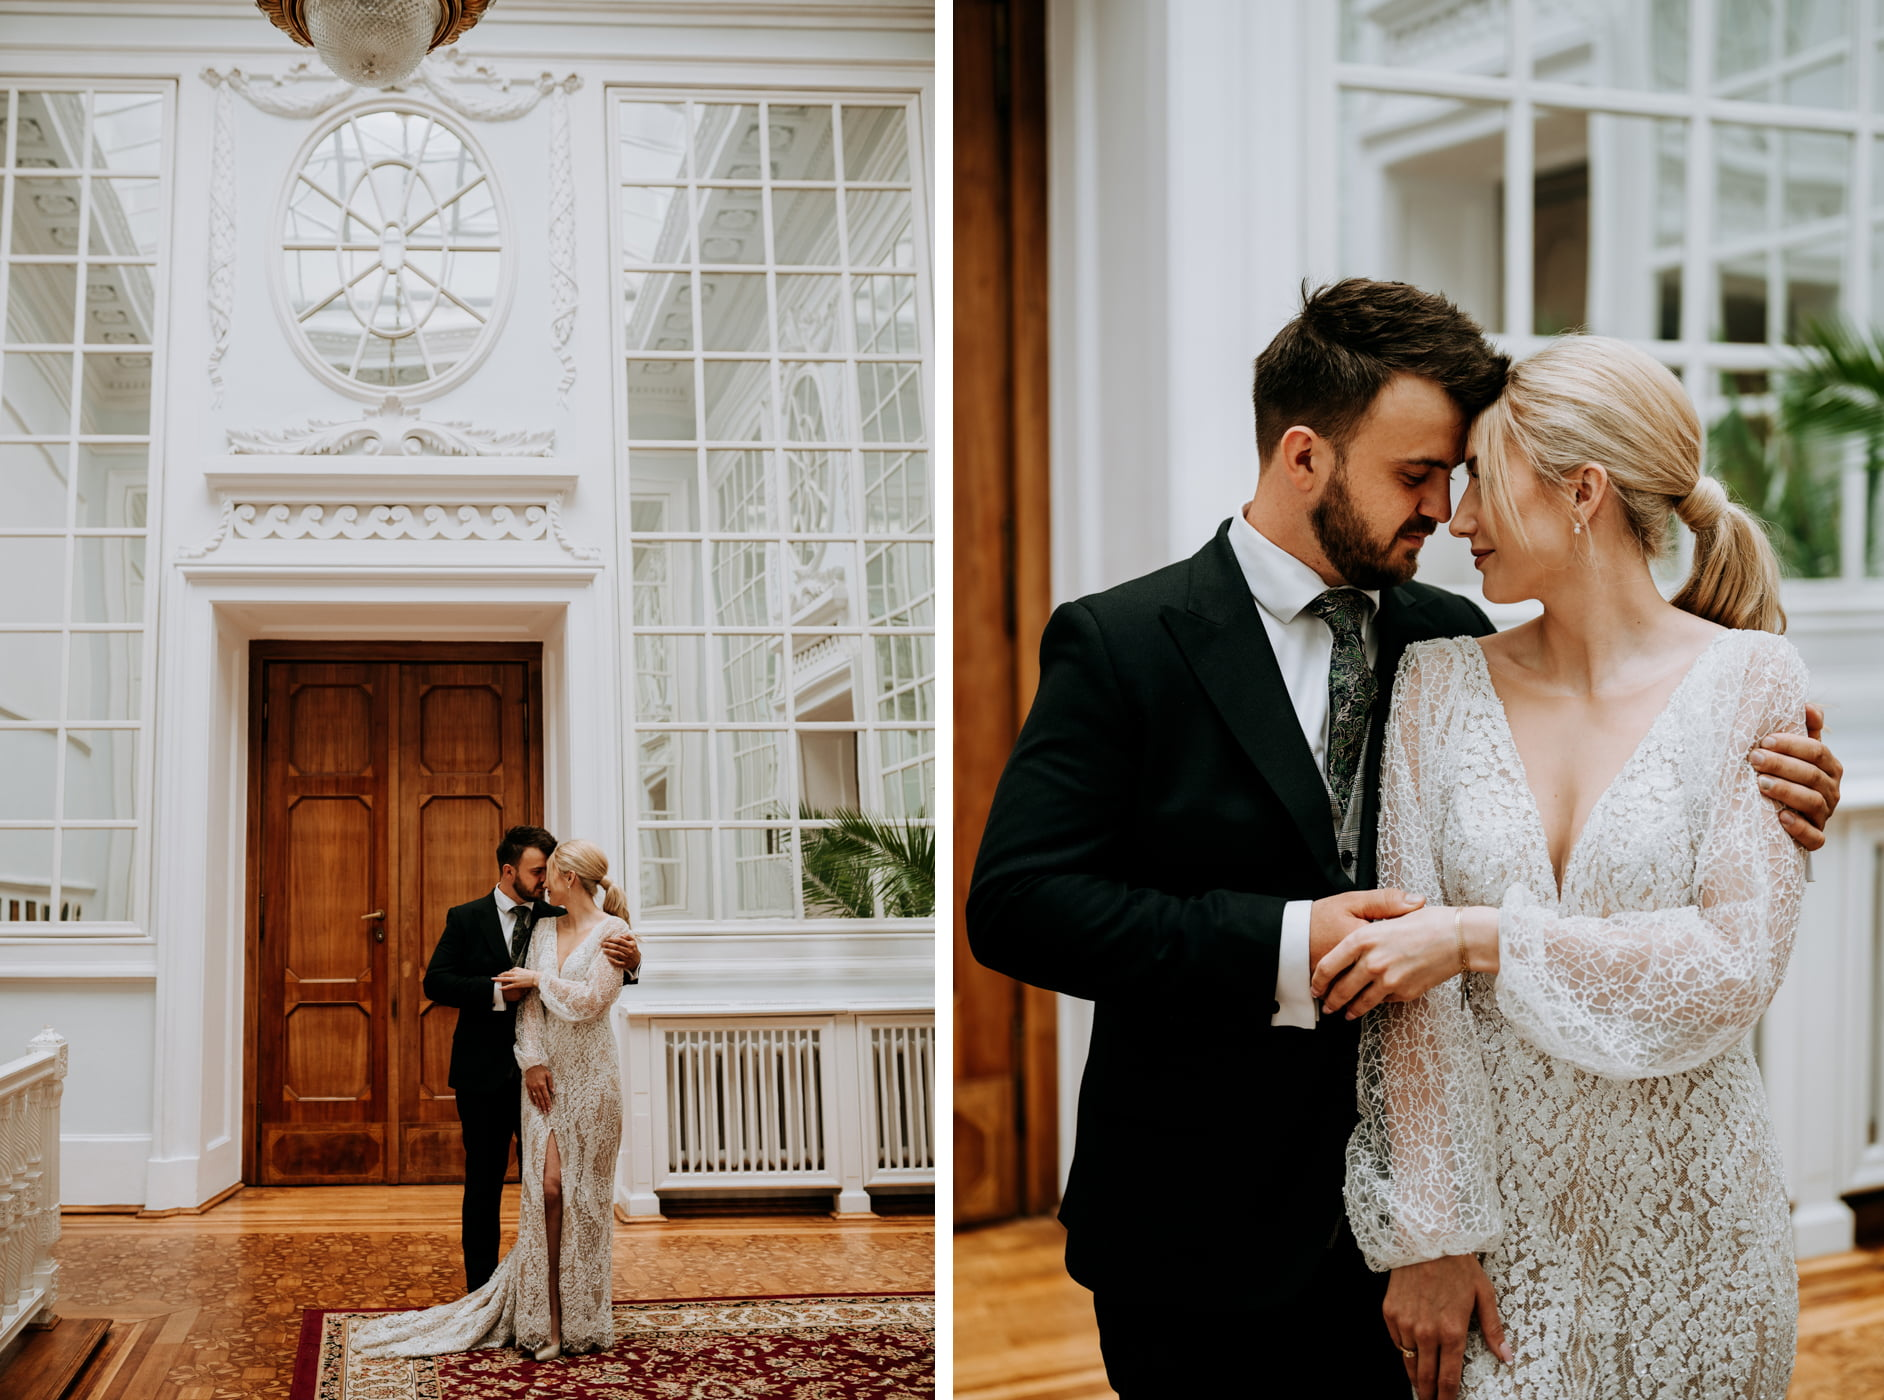 Sesja ślubna w Pałacu- Angelika i Kamil 4